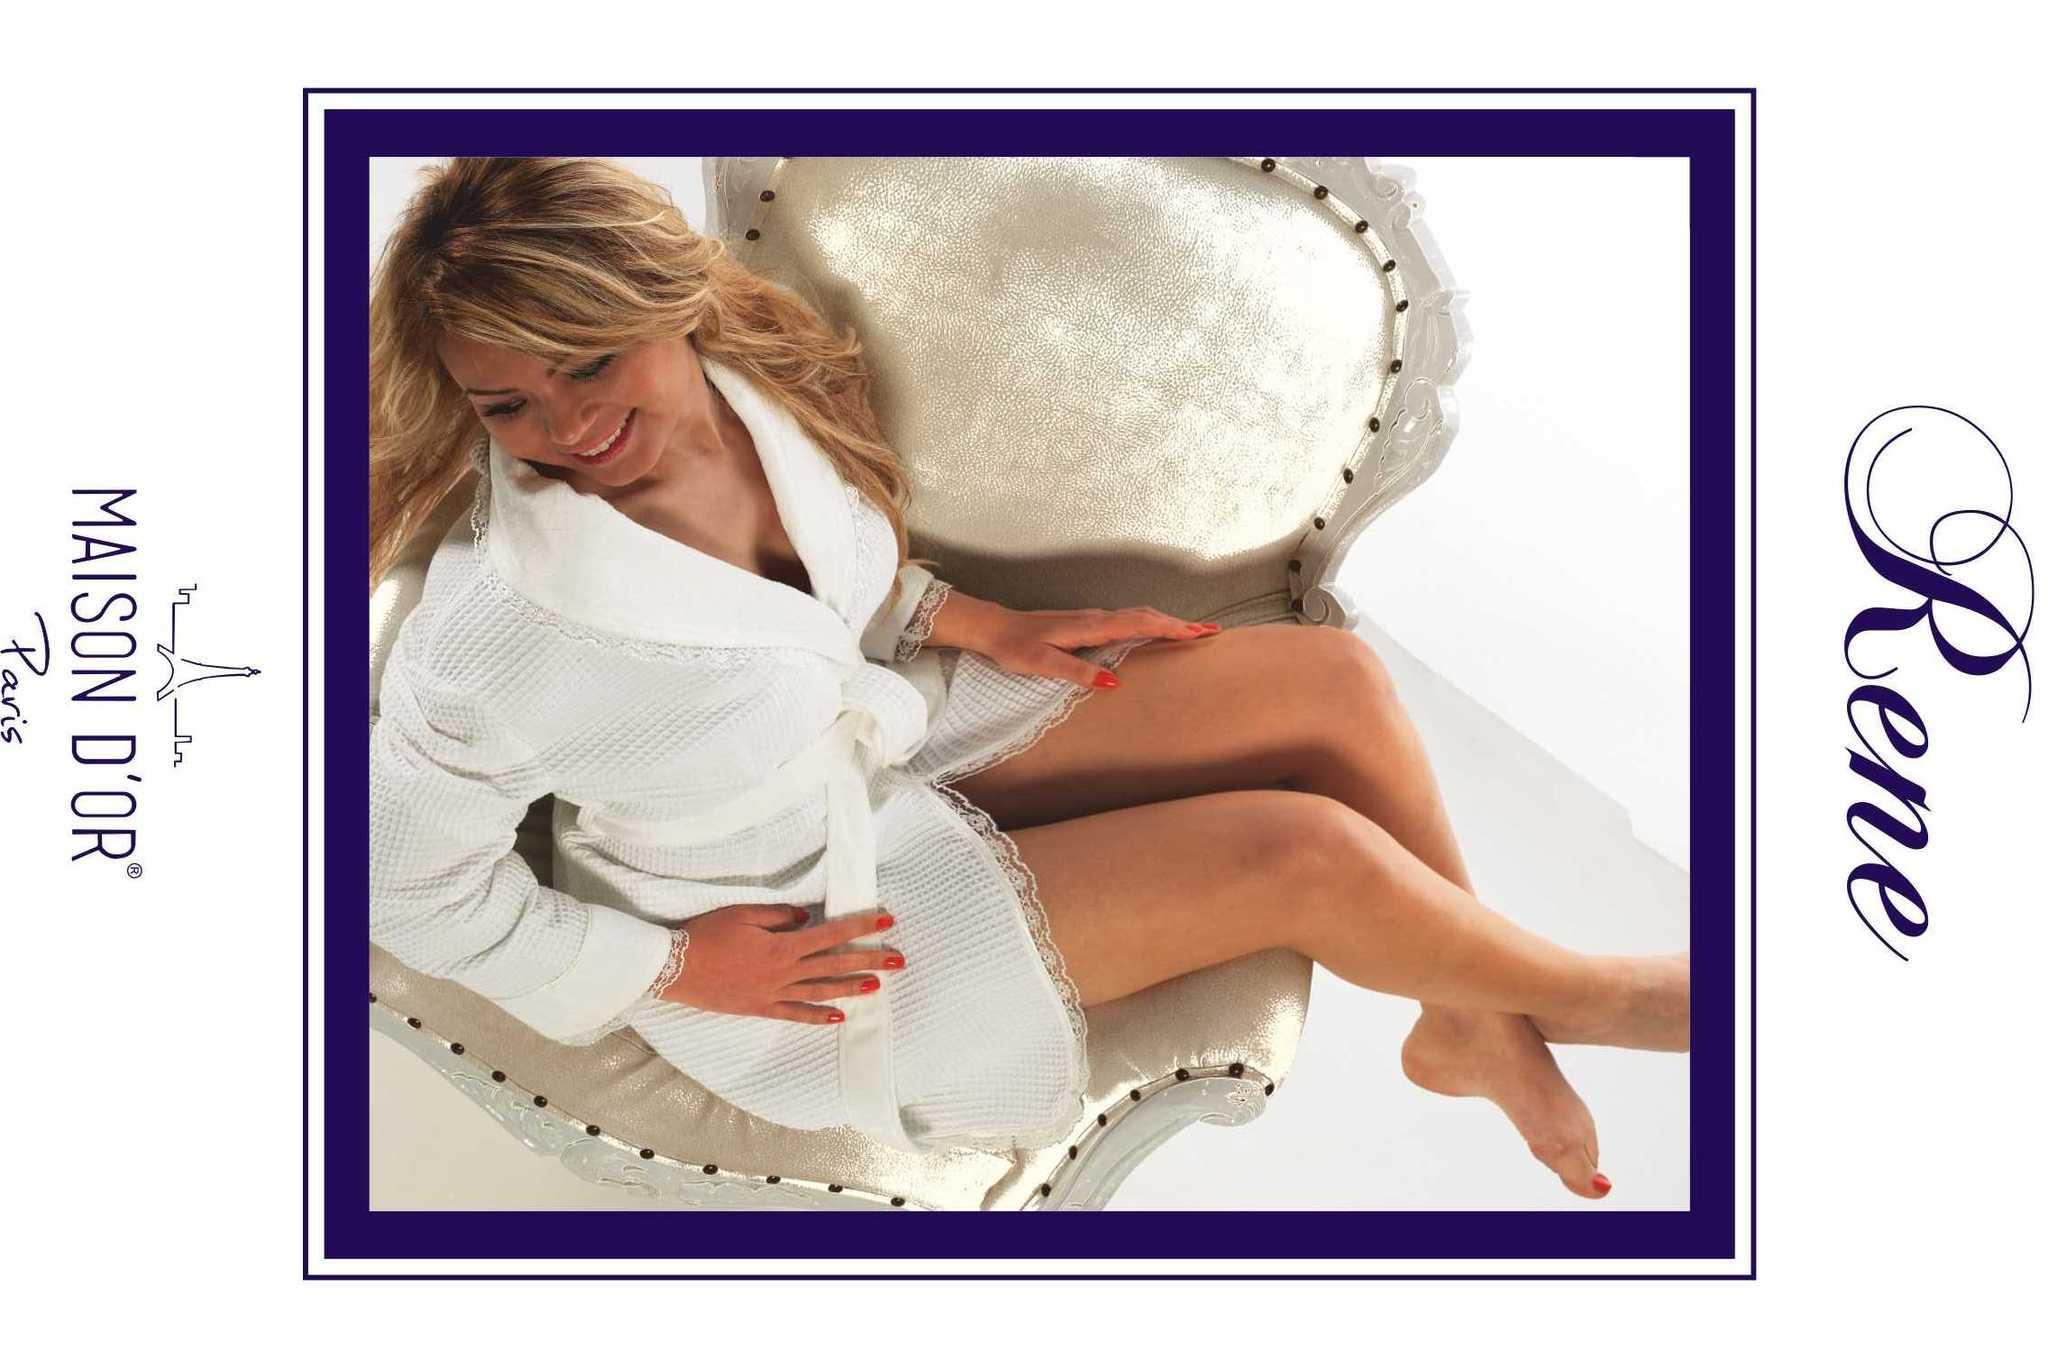 Легкие и вафельные халаты RENE - РЕНЕ женский вафельный халат Maison Dor Турция maison_rene.jpg